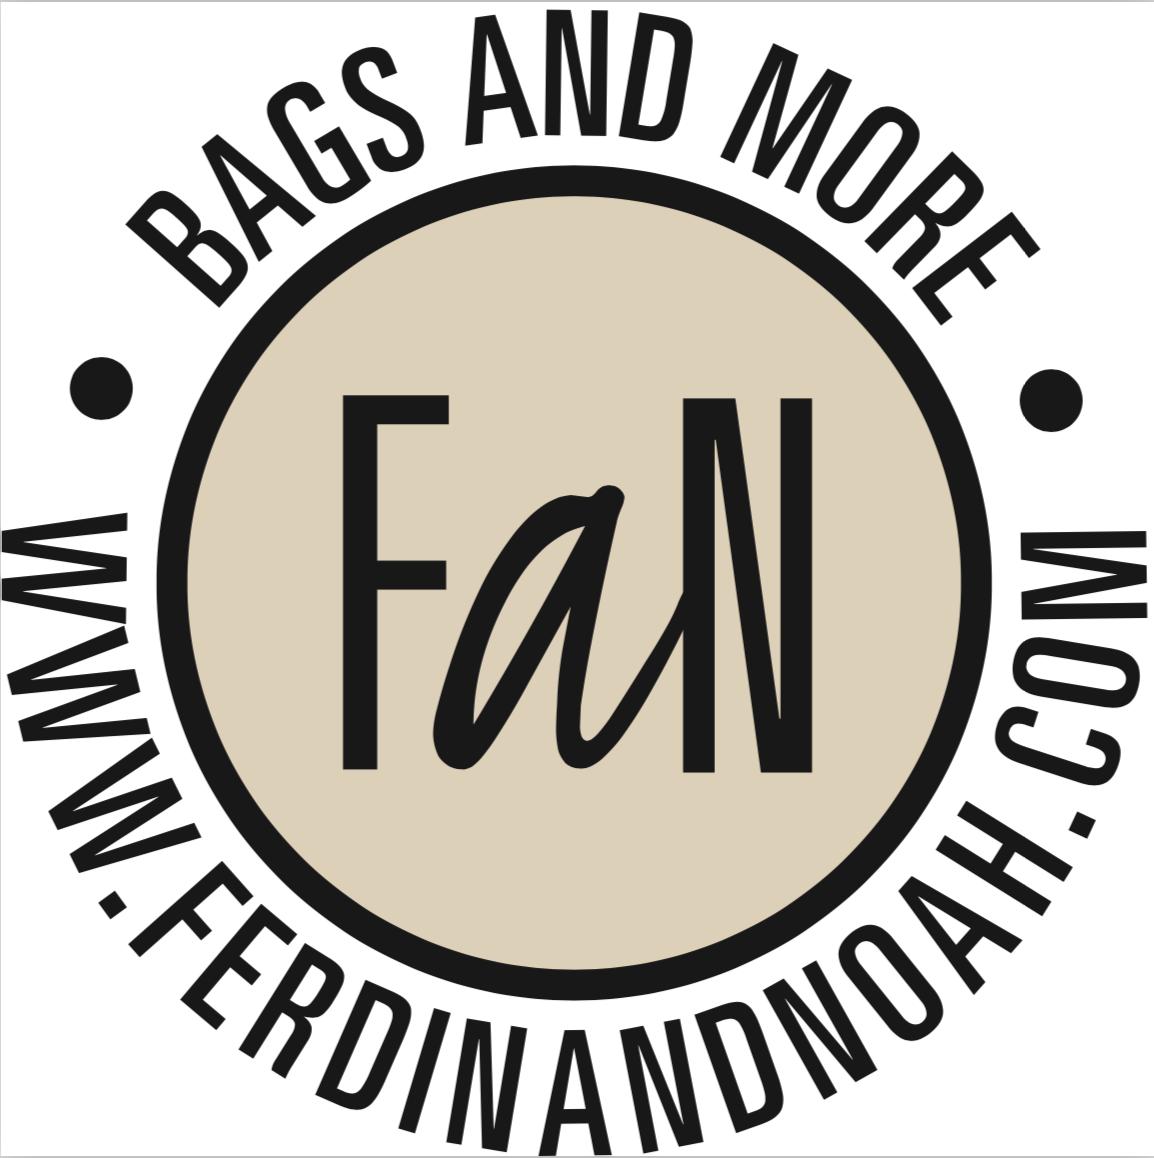 Logo ferdinandnoah